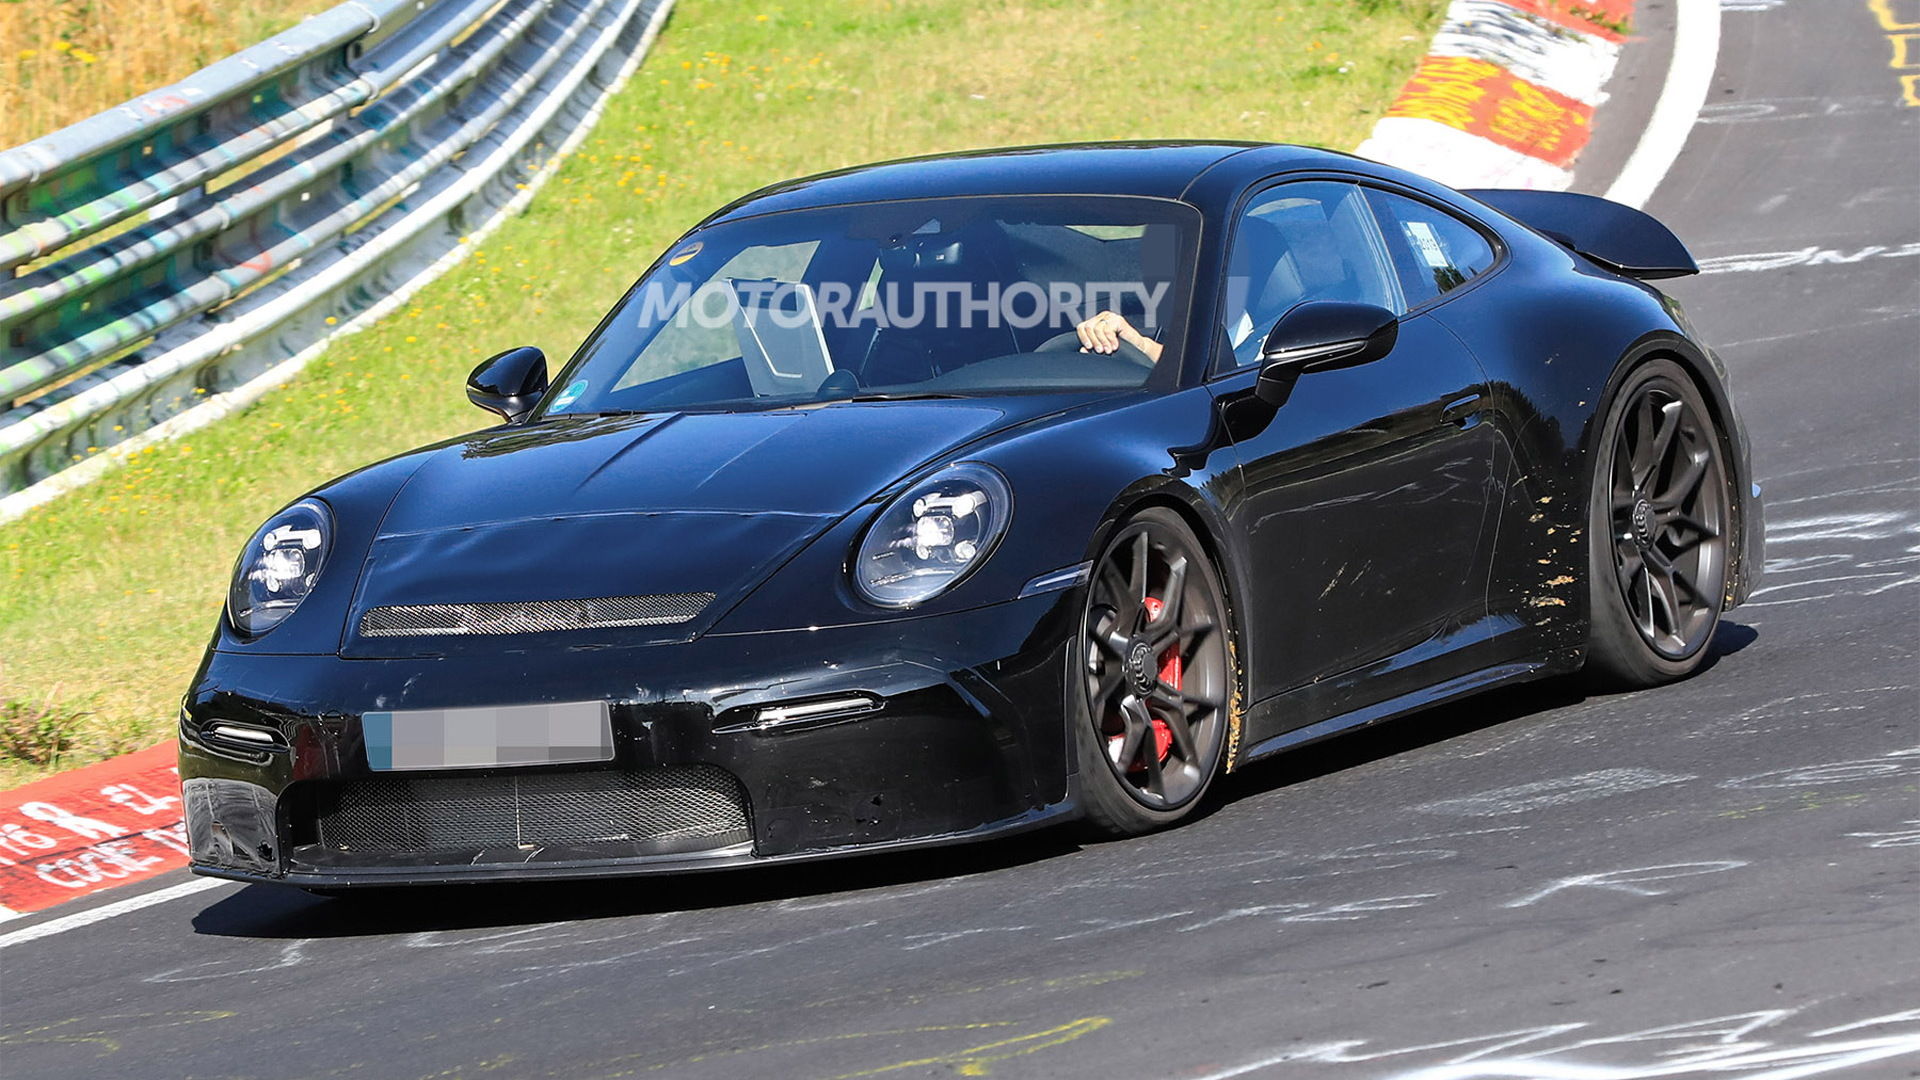 2021 Porsche 911 GT3 Touring spy shots - Photo credit: S. Baldauf/SB-Medien